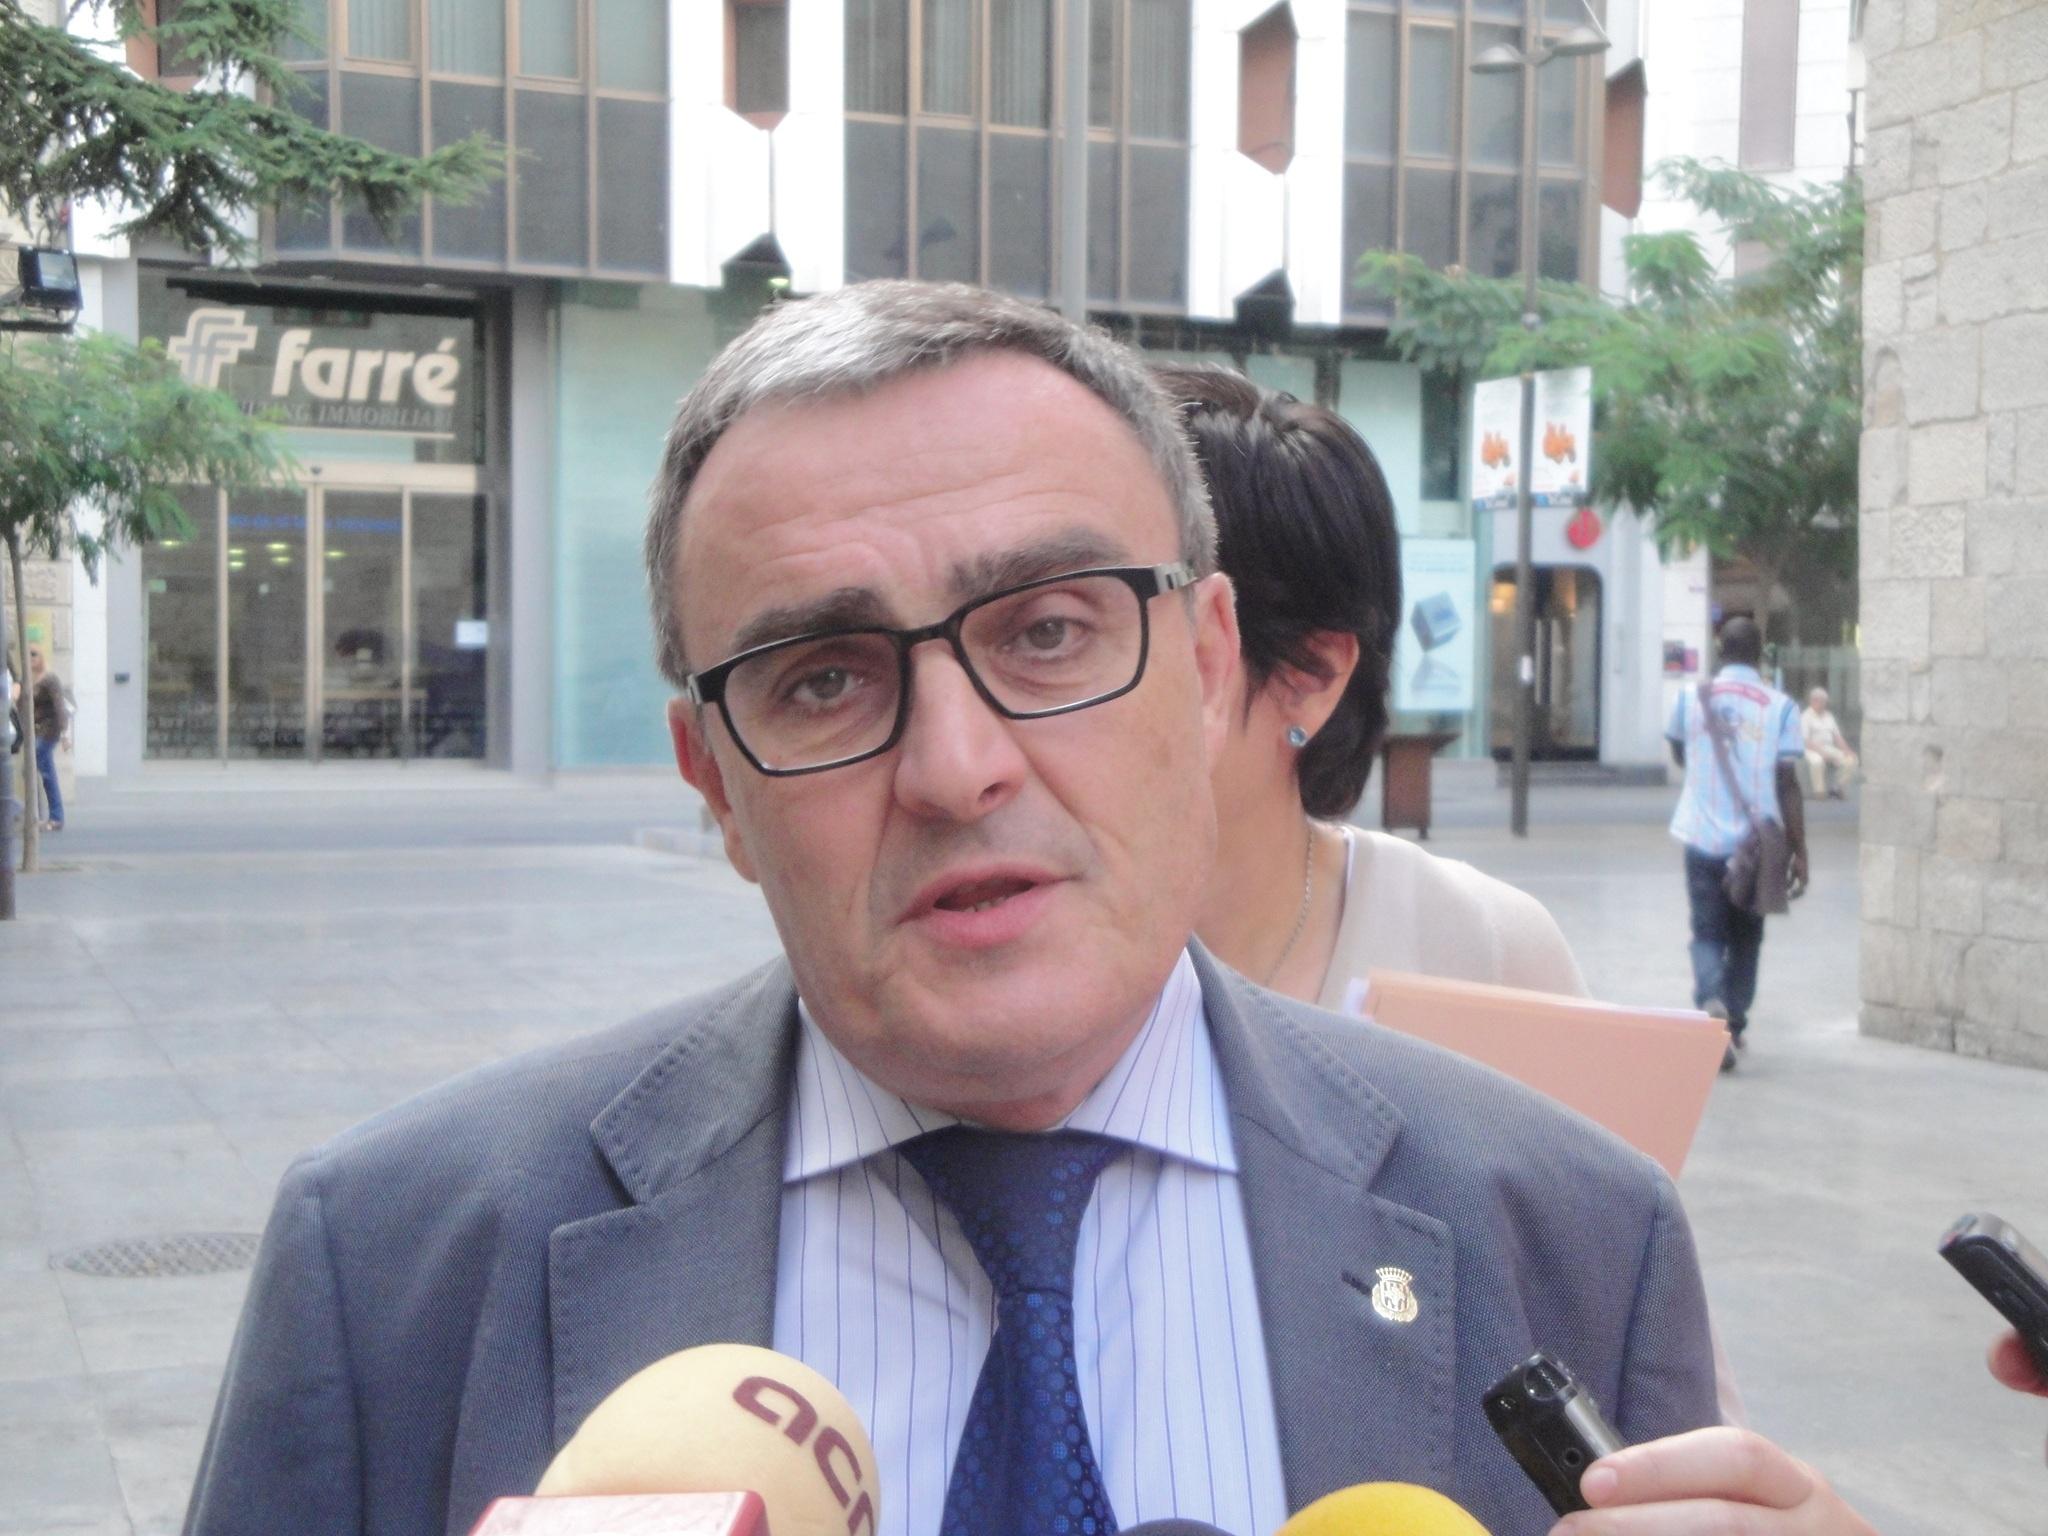 El alcalde de Lleida estudia recurrir la sentencia que anula la prohibición del burka